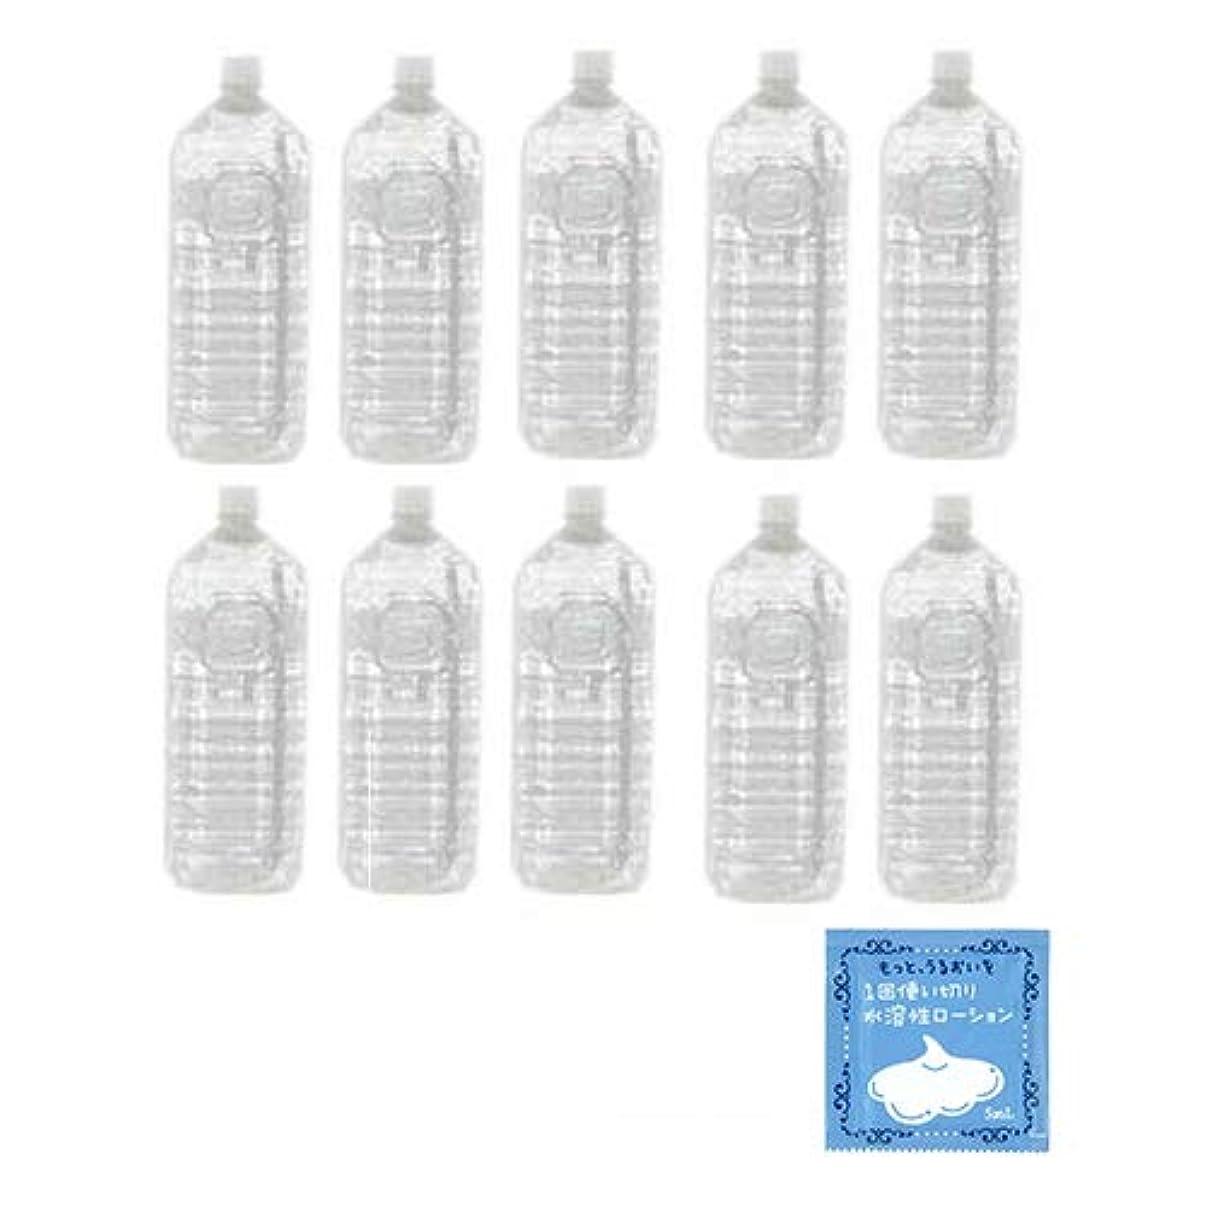 検出する幻滅する振る舞いクリアローション 2Lペットボトル ハードタイプ(5倍濃縮原液) × 10本セット+ 1回使い切り水溶性潤滑ローション